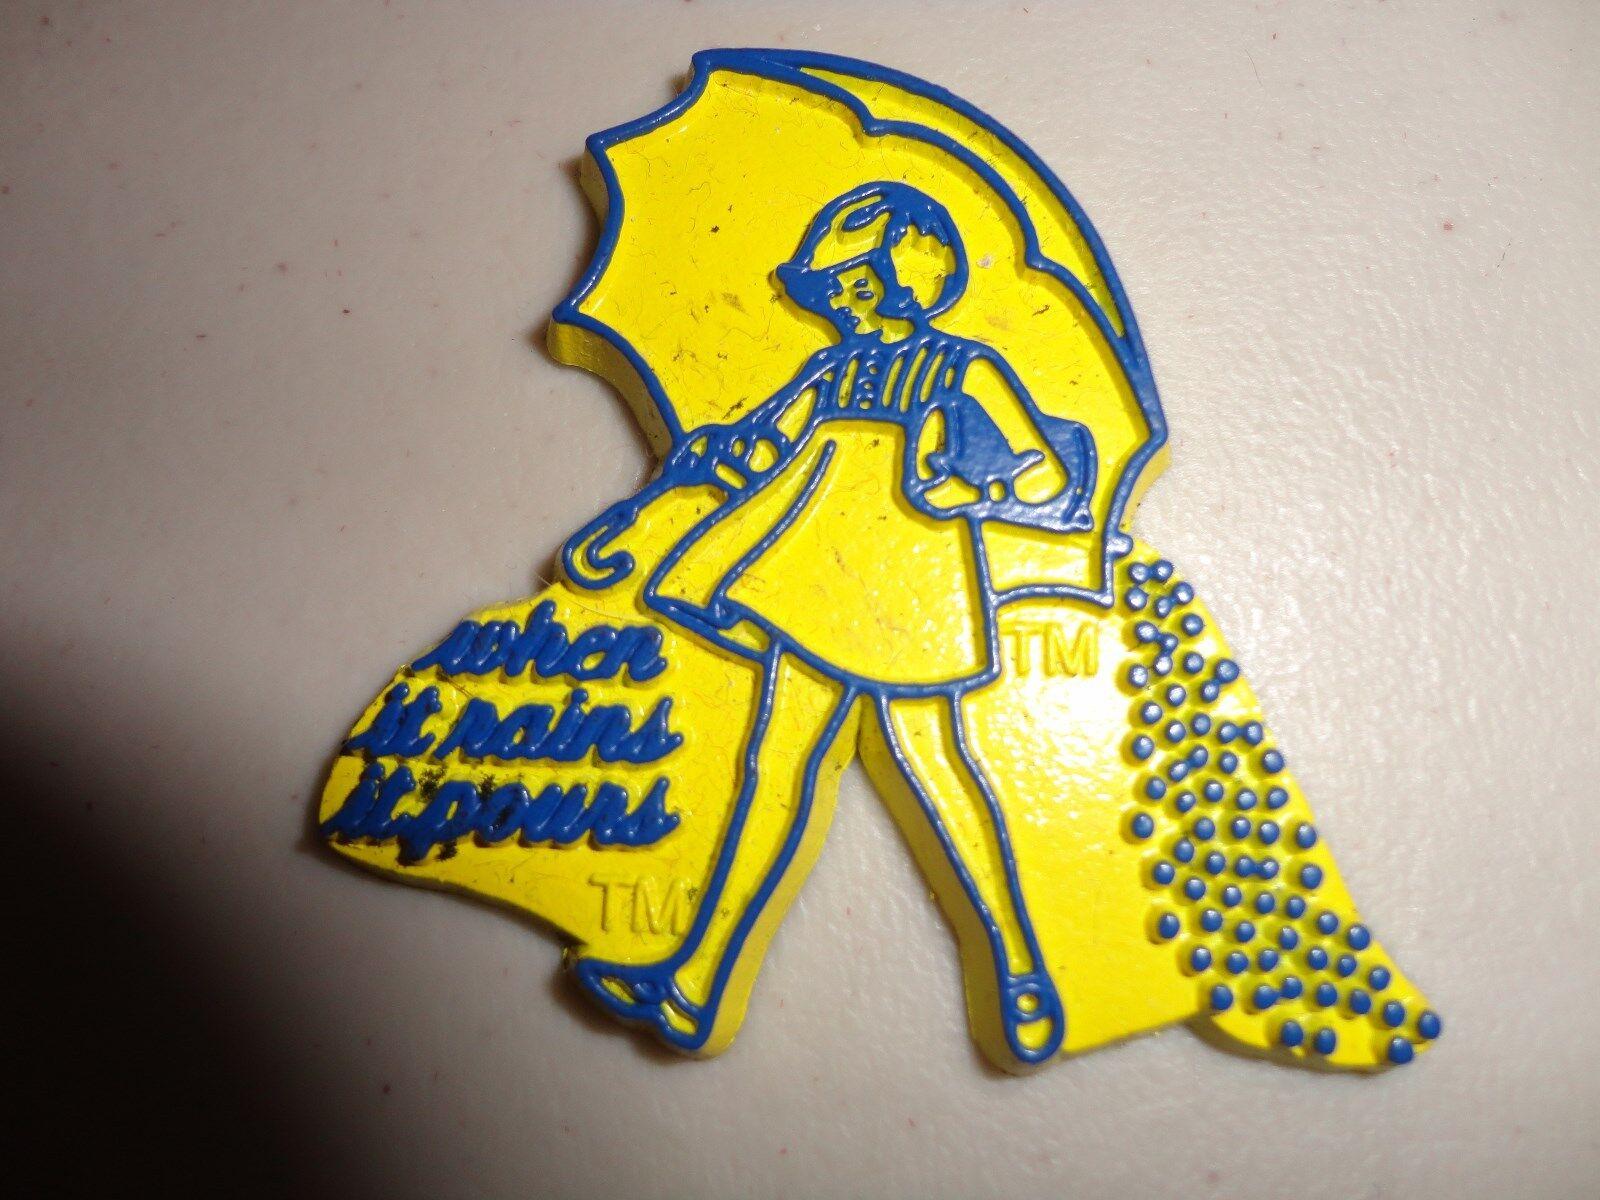 Morton Salt When It Rains It Pours Rubber Magnet, Souvenir, Travel,  Refrigerator